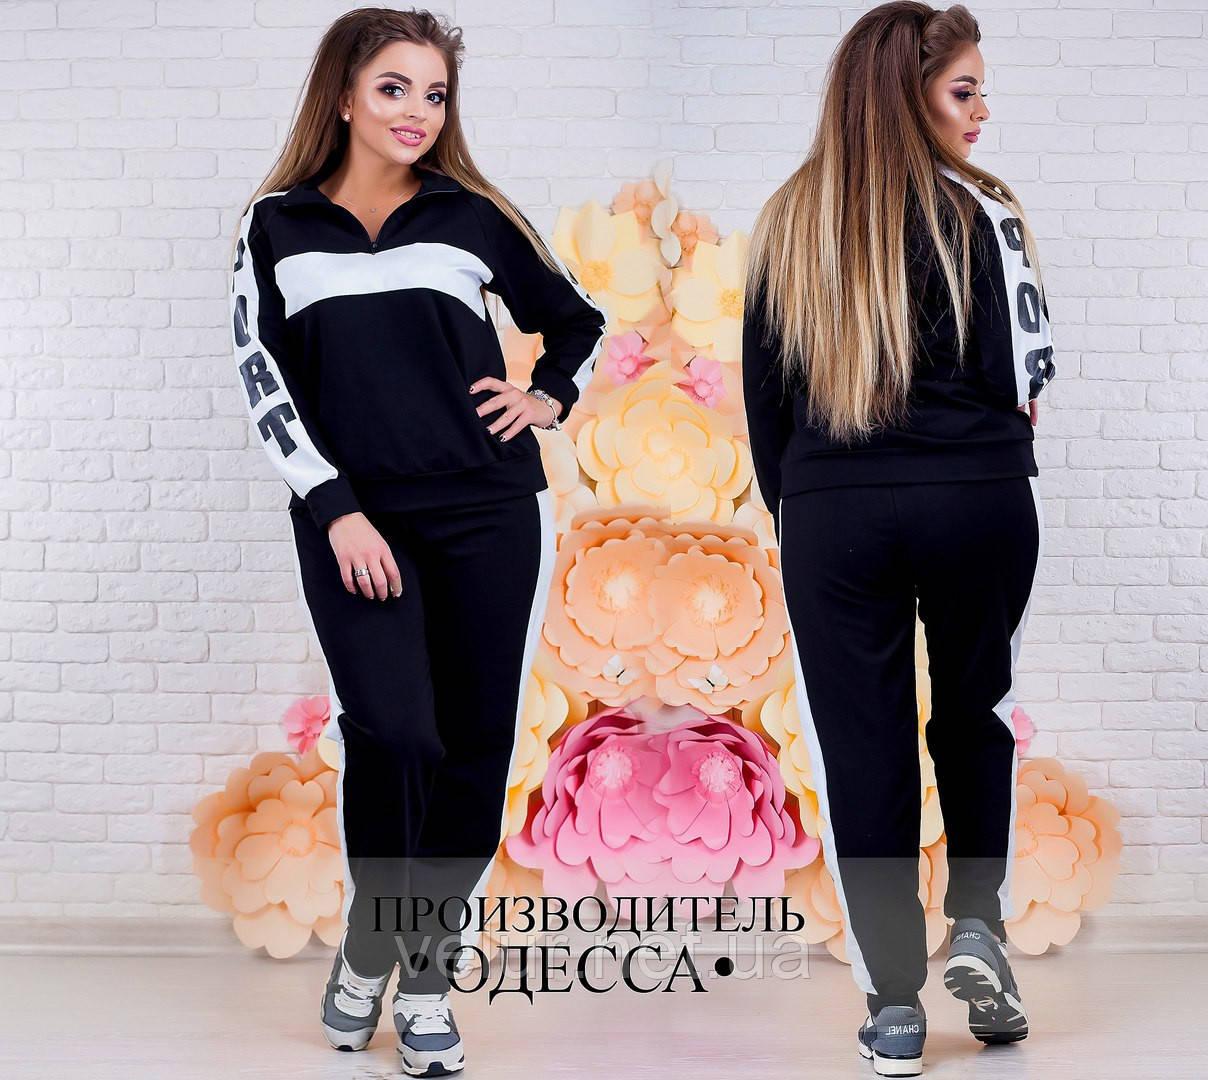 561af51f9cd53 Женский спортивный трикотажный костюм большого размера 50,52,54,56 -  интернет-